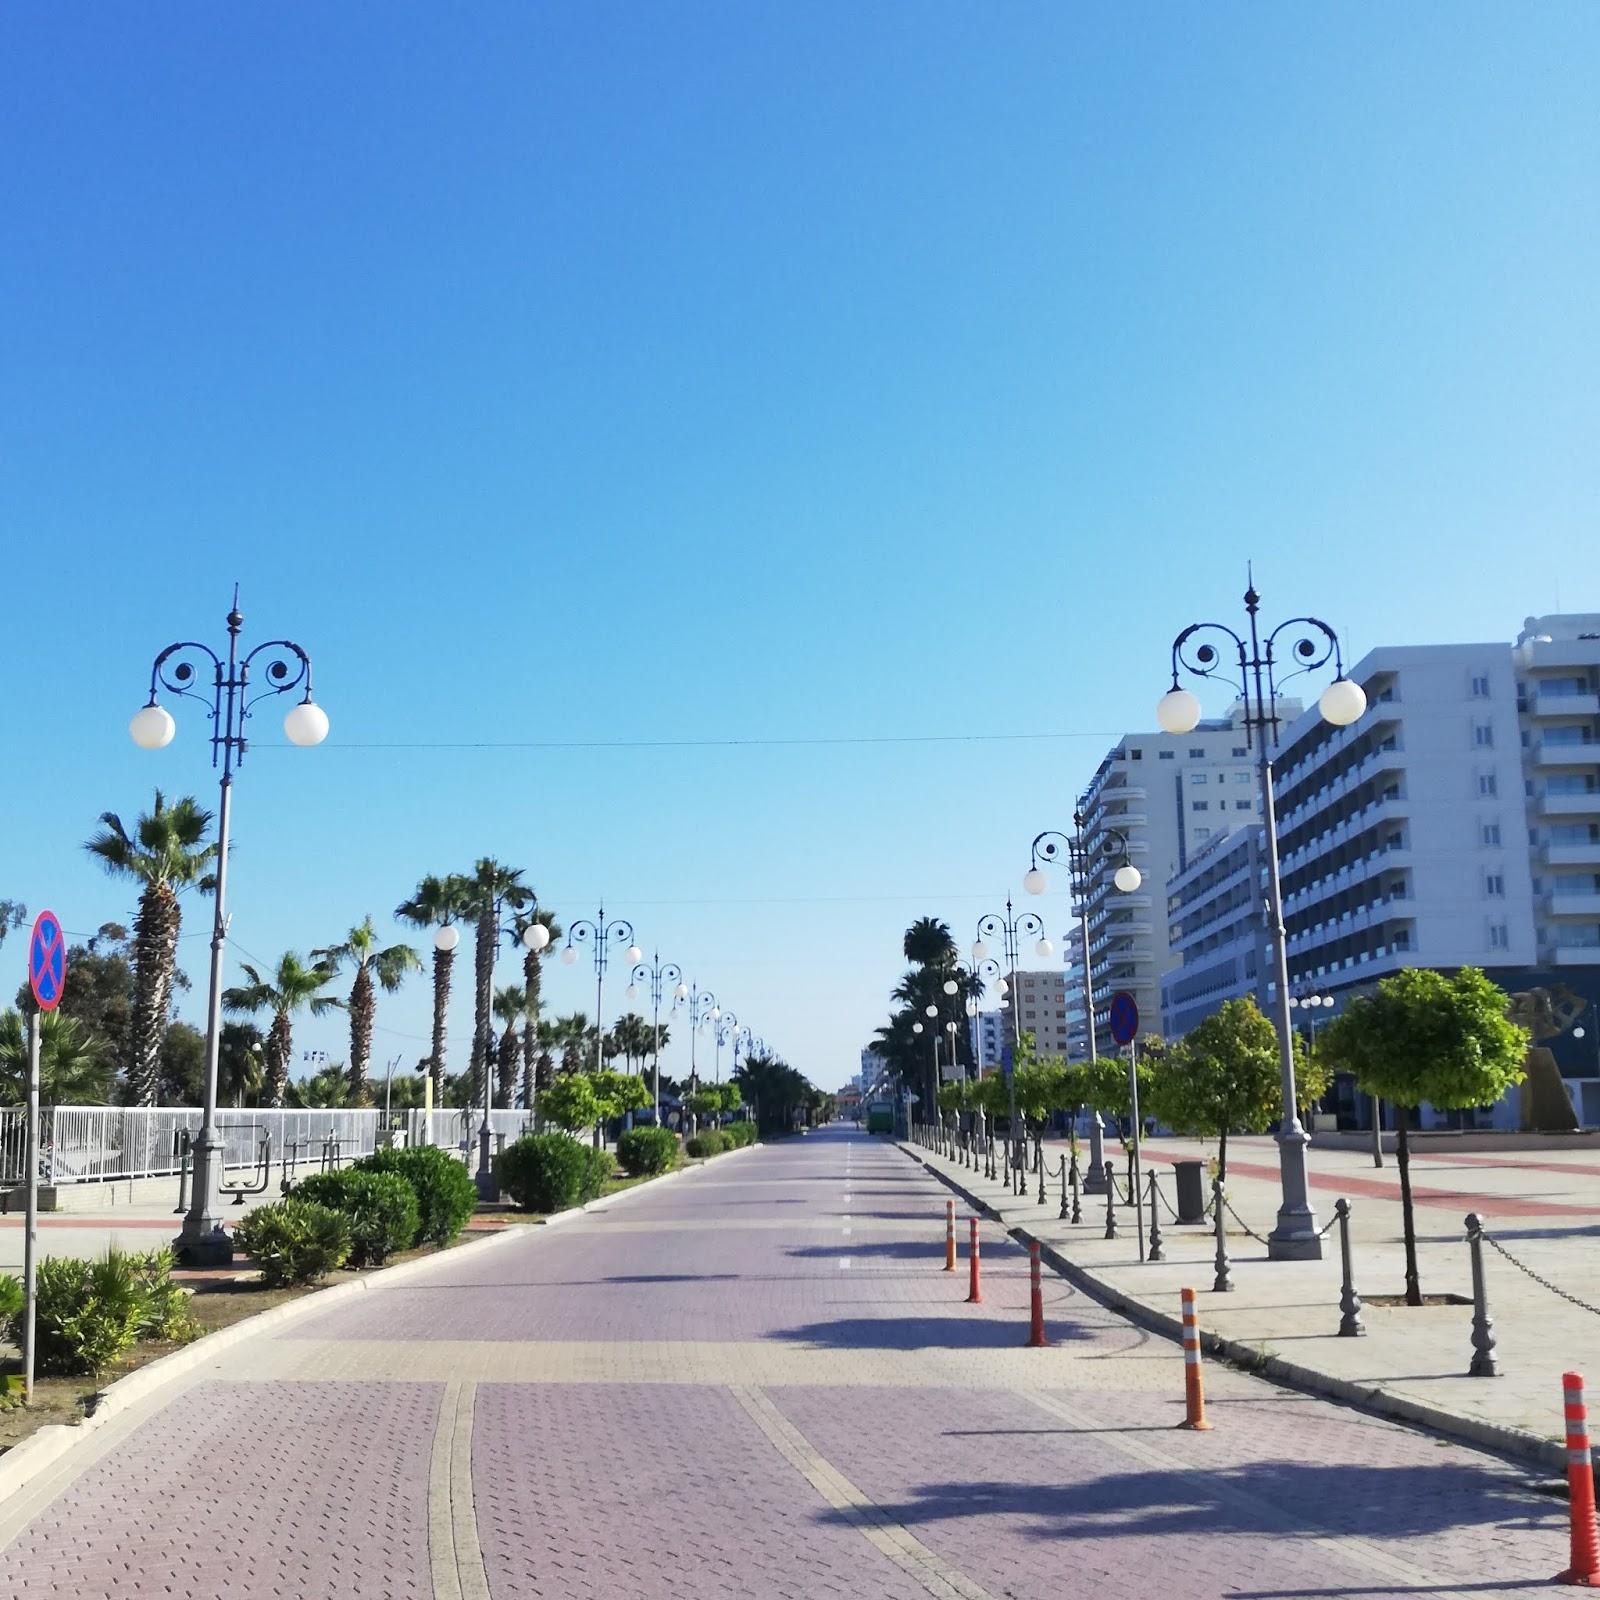 Δημόσια συζήτηση με τίτλο: «Larnaca 2040 Volume IV: Κέντρο πόλης χωρίς αυτοκίνητο»